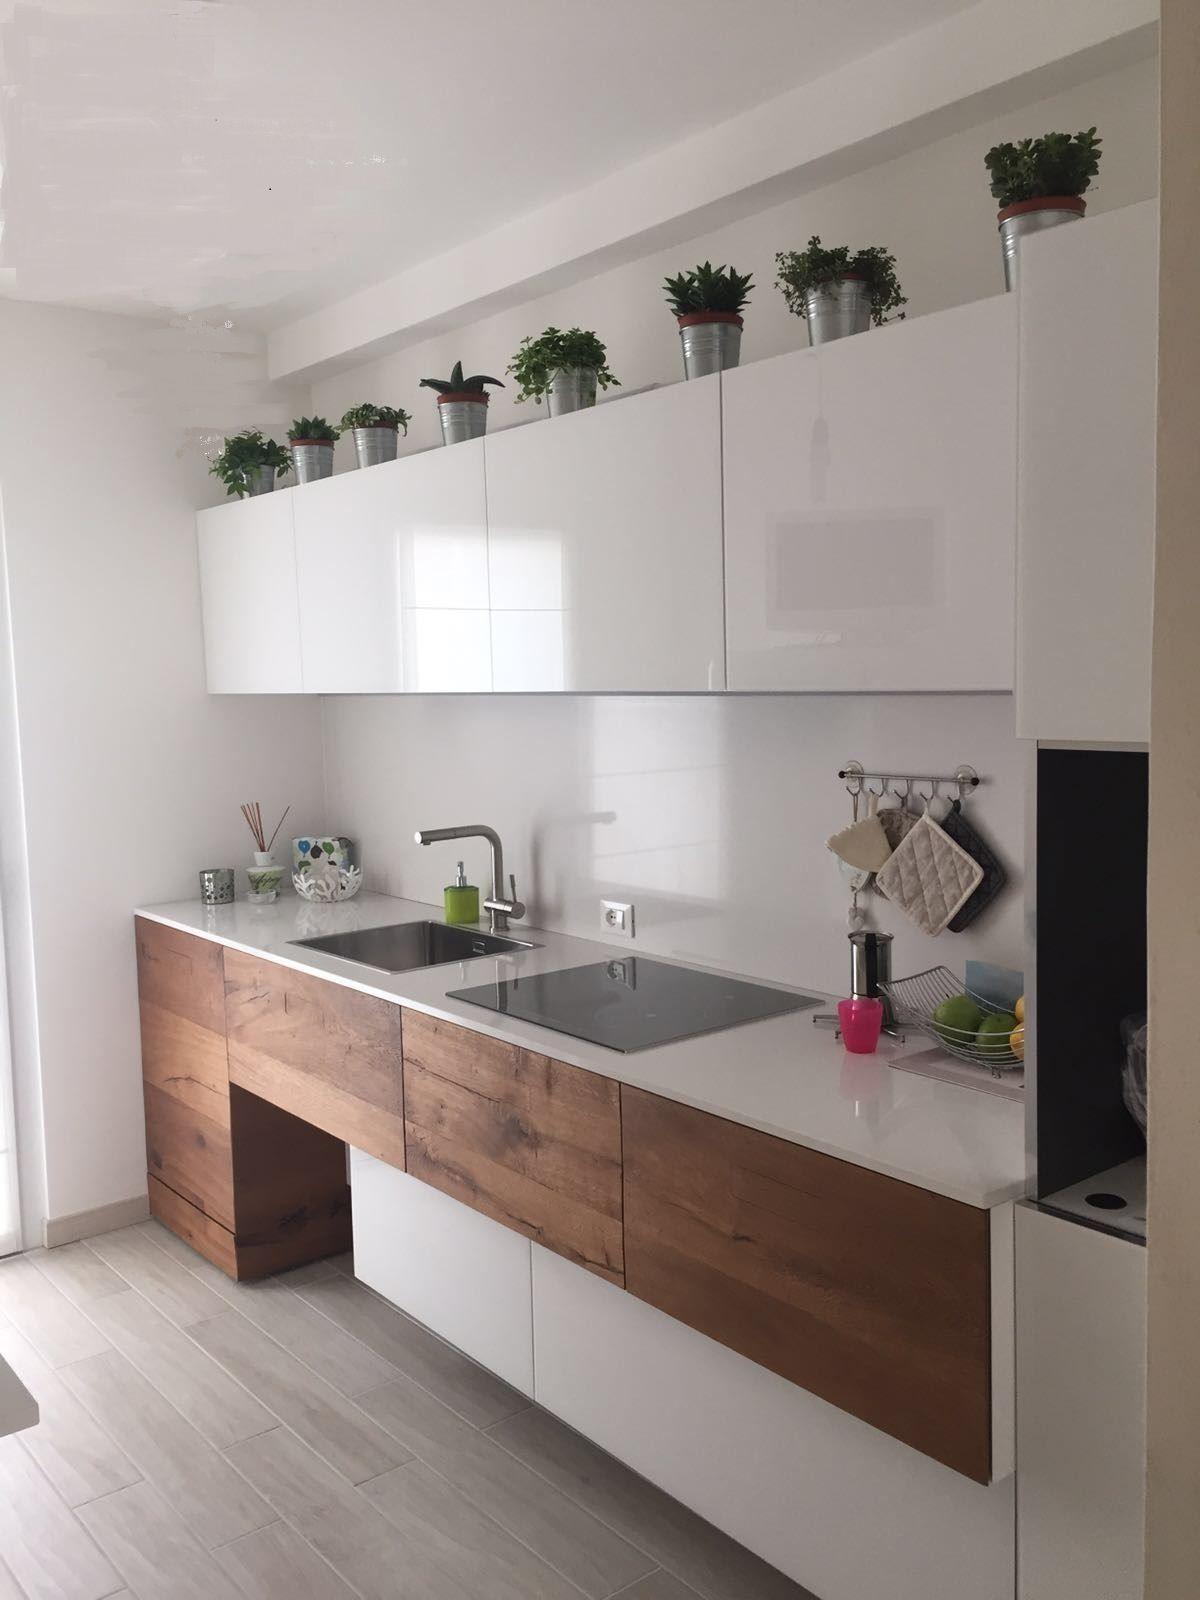 Legno Laminato Per Mobili 100 idee di cucine moderne con elementi in legno | arredo